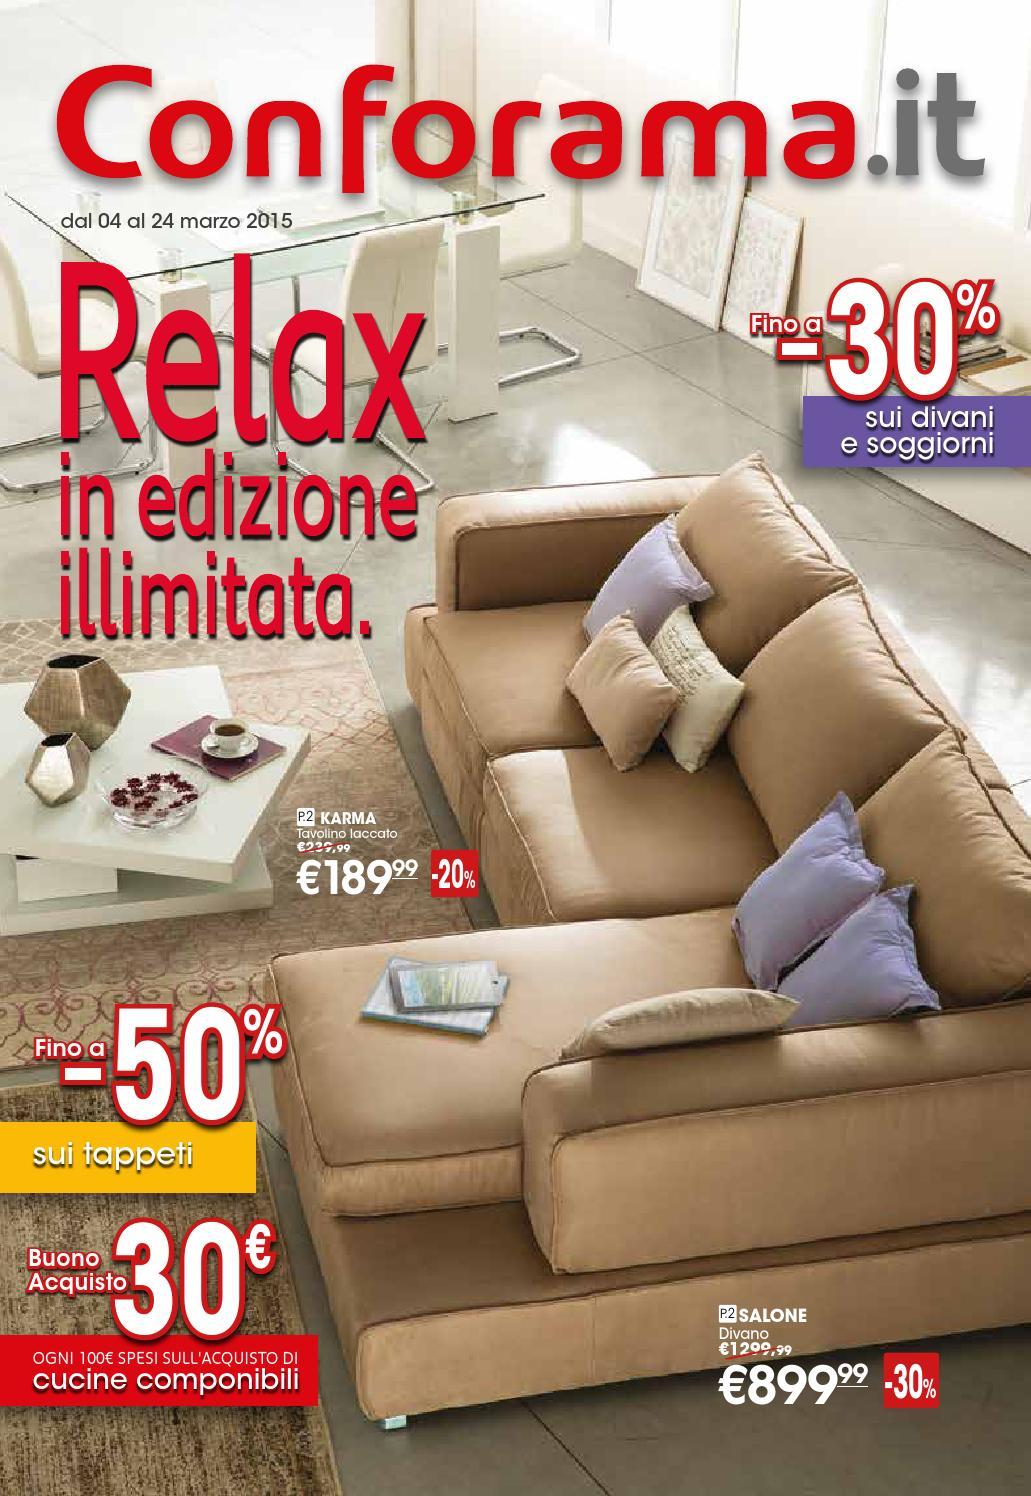 Conforama volantino 4 24marzo2015 by CatalogoPromozioni.com - issuu